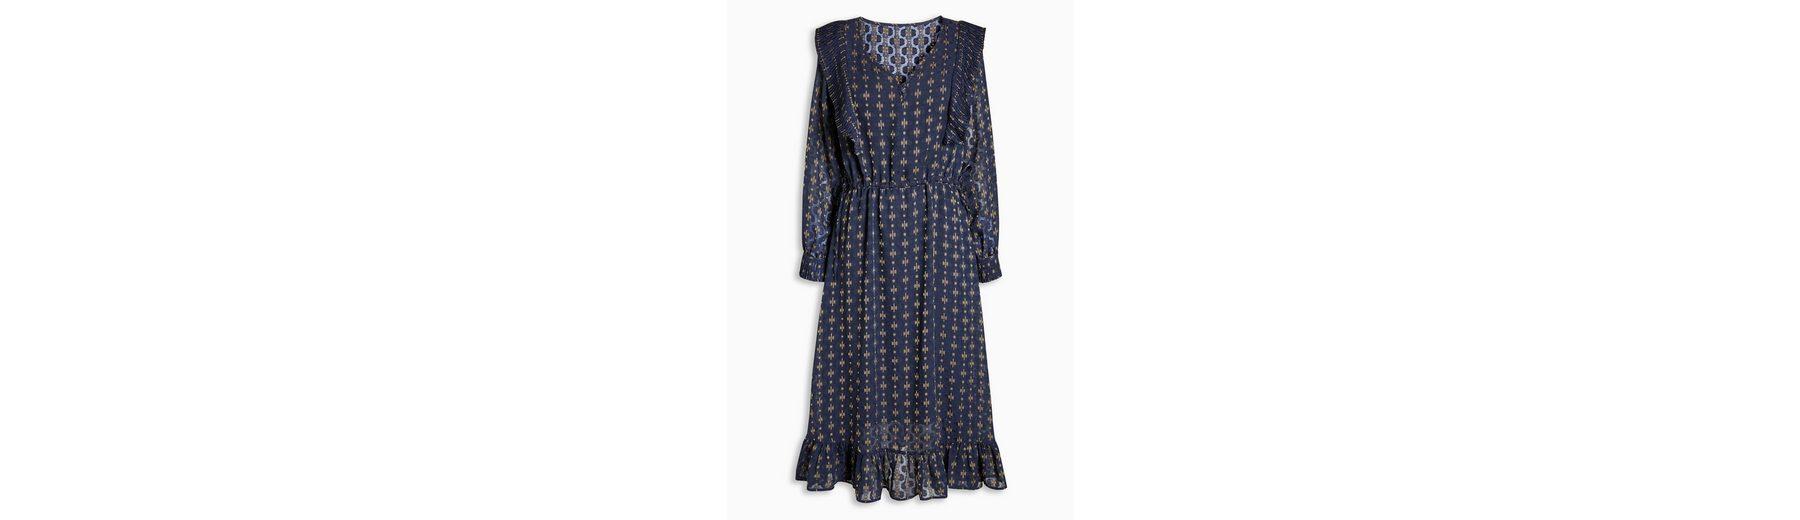 Next Kleid mit Jacquardmuster Original Zum Verkauf Große Überraschung Online Rabatt Genießen Bester Günstiger Preis Billige Veröffentlichungstermine dFjlgrpE